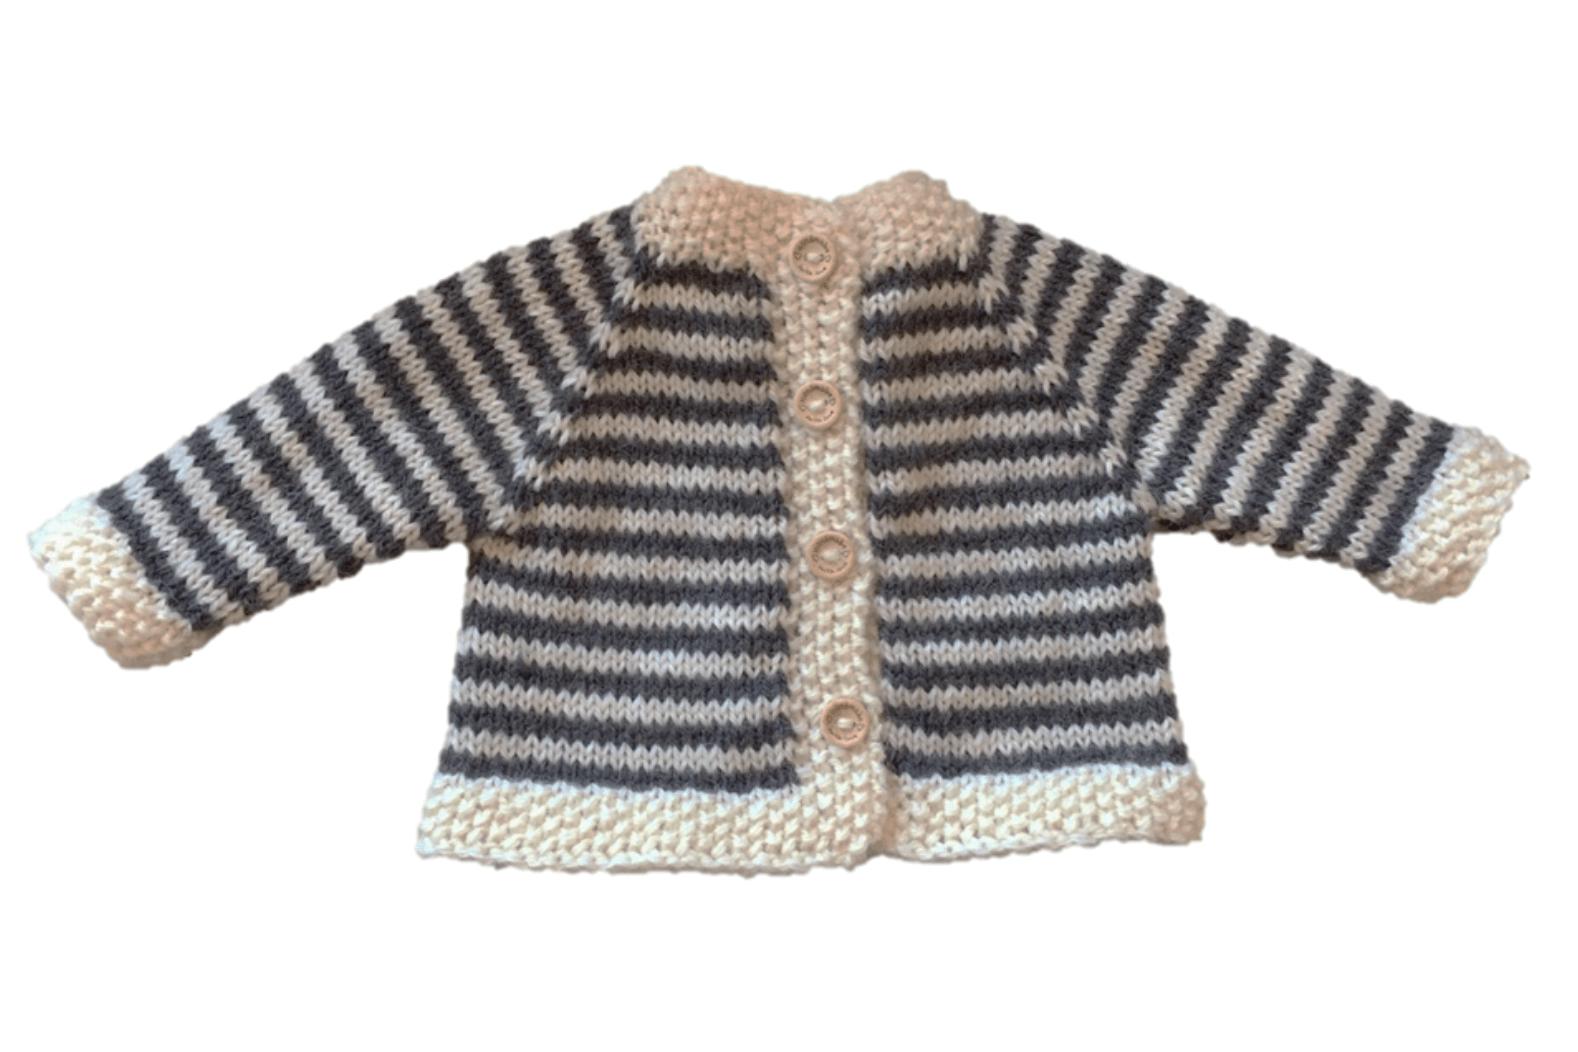 Stash Busting Baby Cardigan Free Knitting Pattern